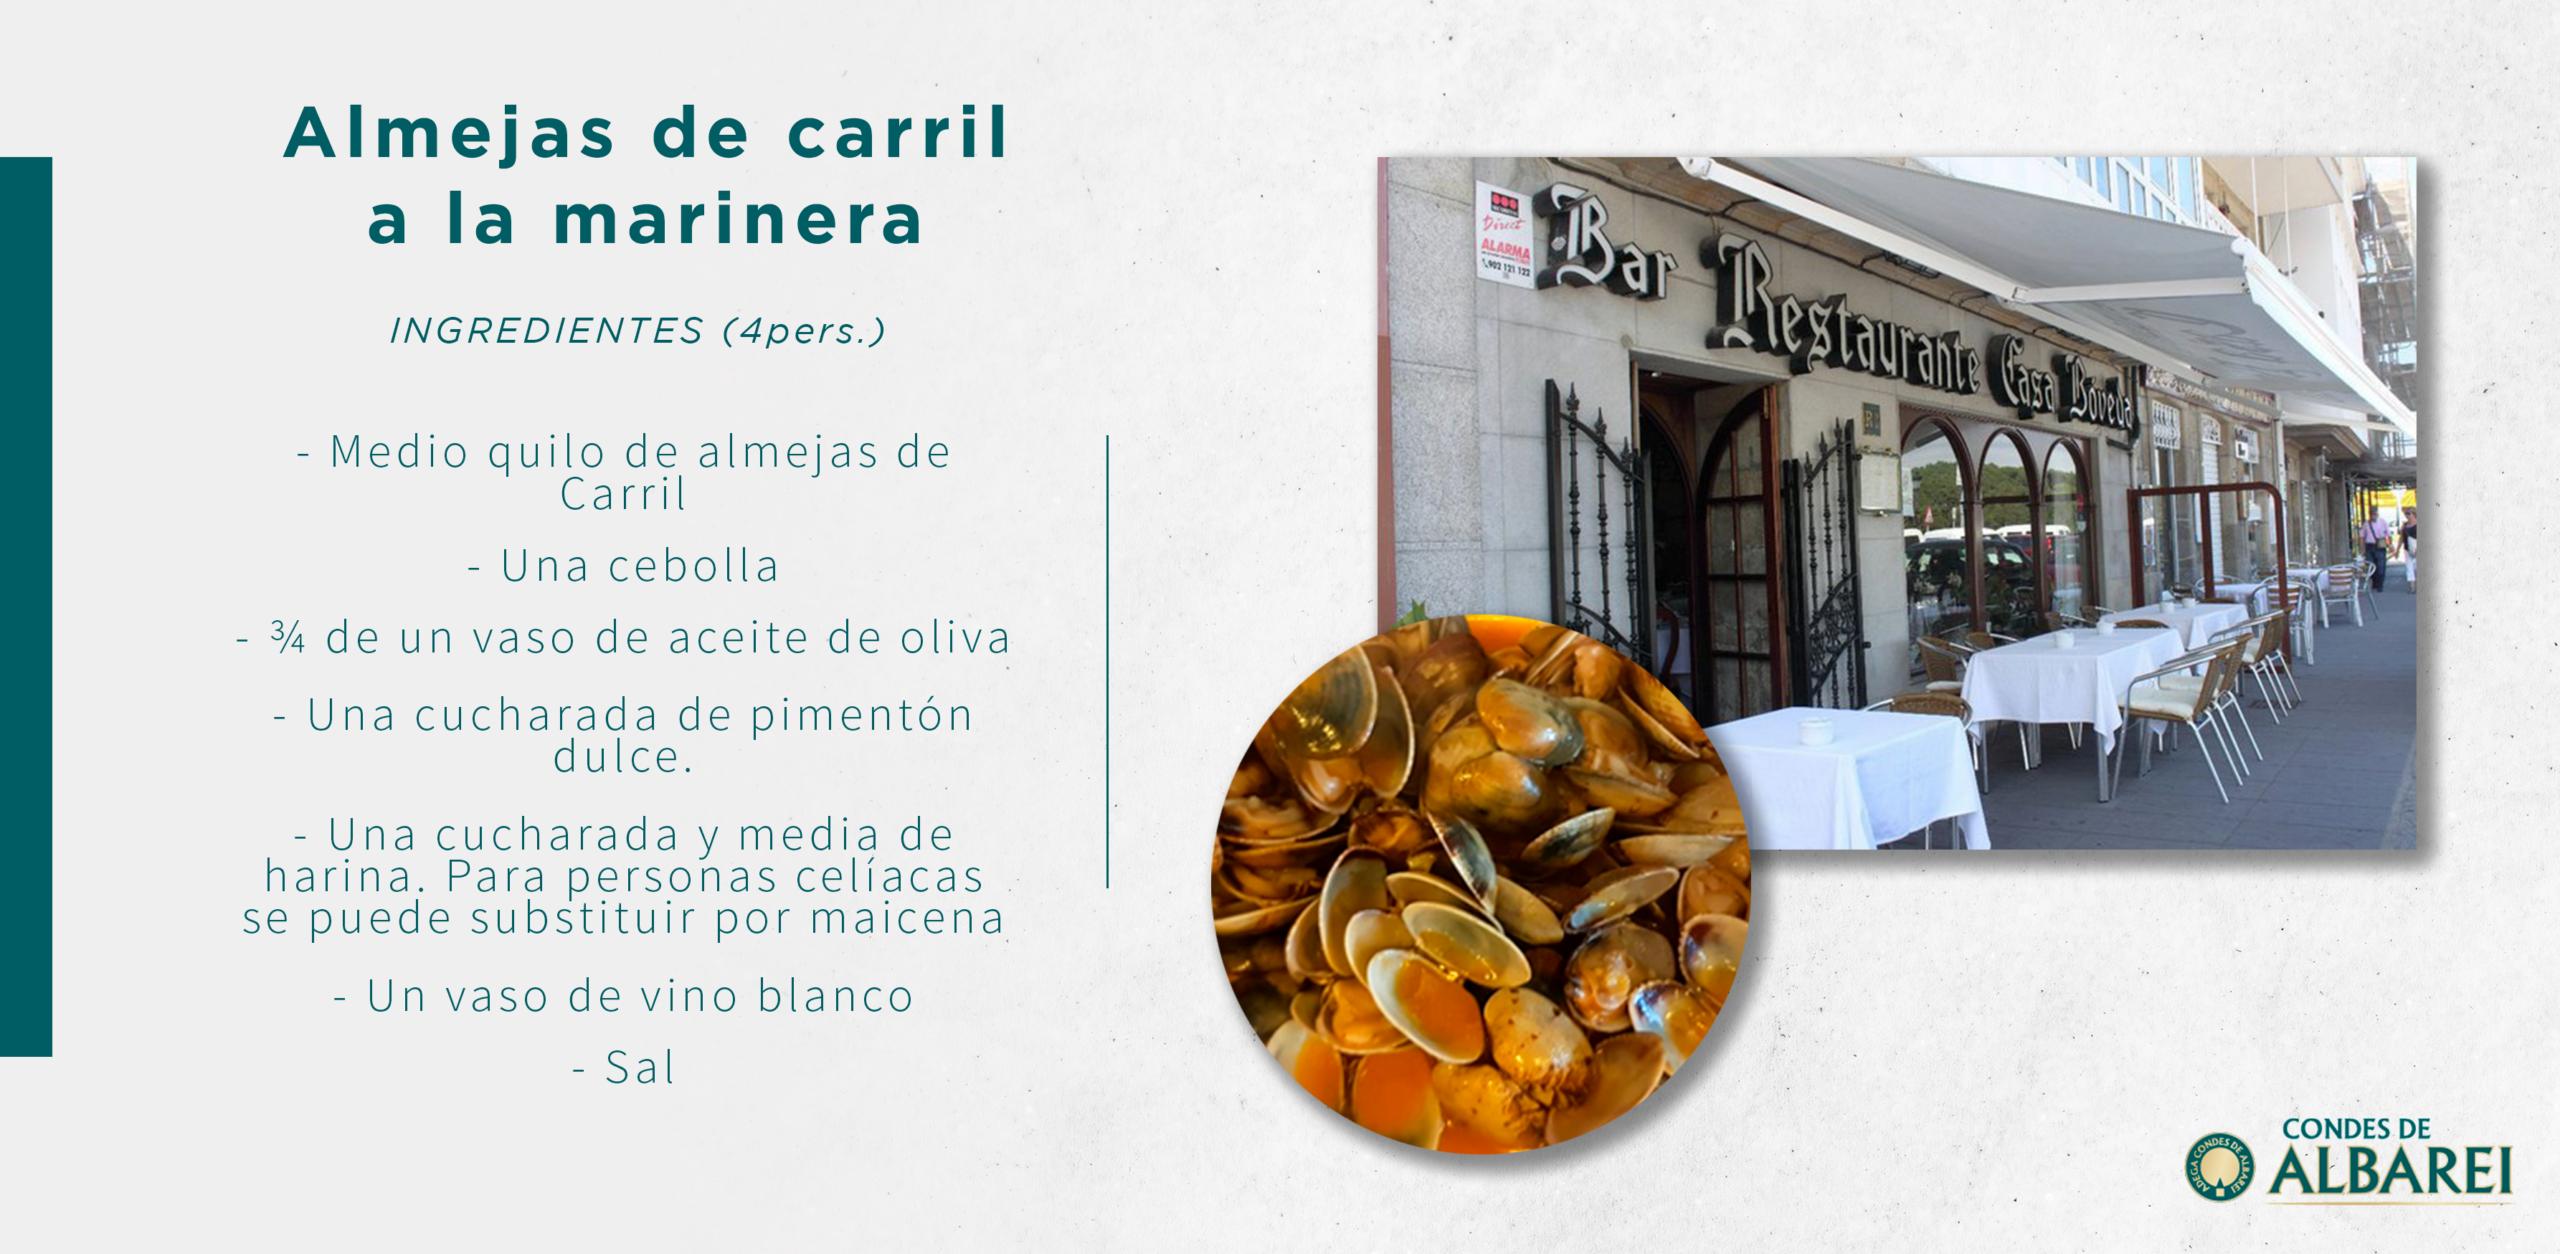 Cocina Albarei Casa Bóveda - Deliciosas almejas de Carril a la marinera